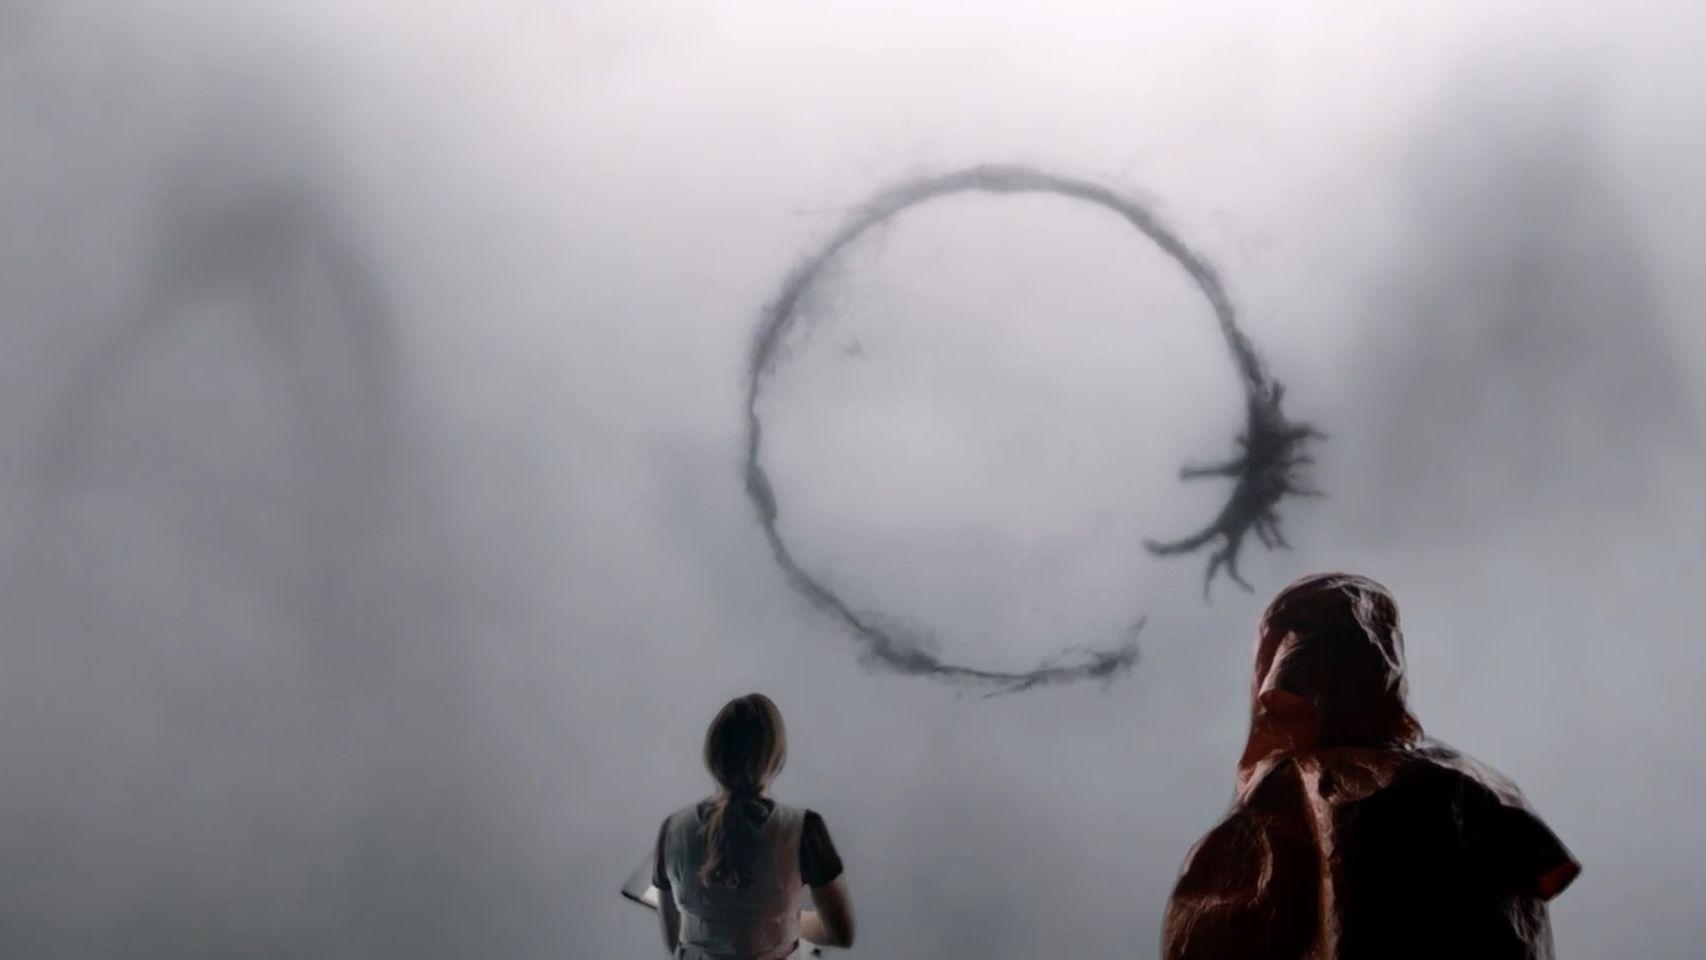 Las protagonistas de La Llegada, frente a un alienígena.